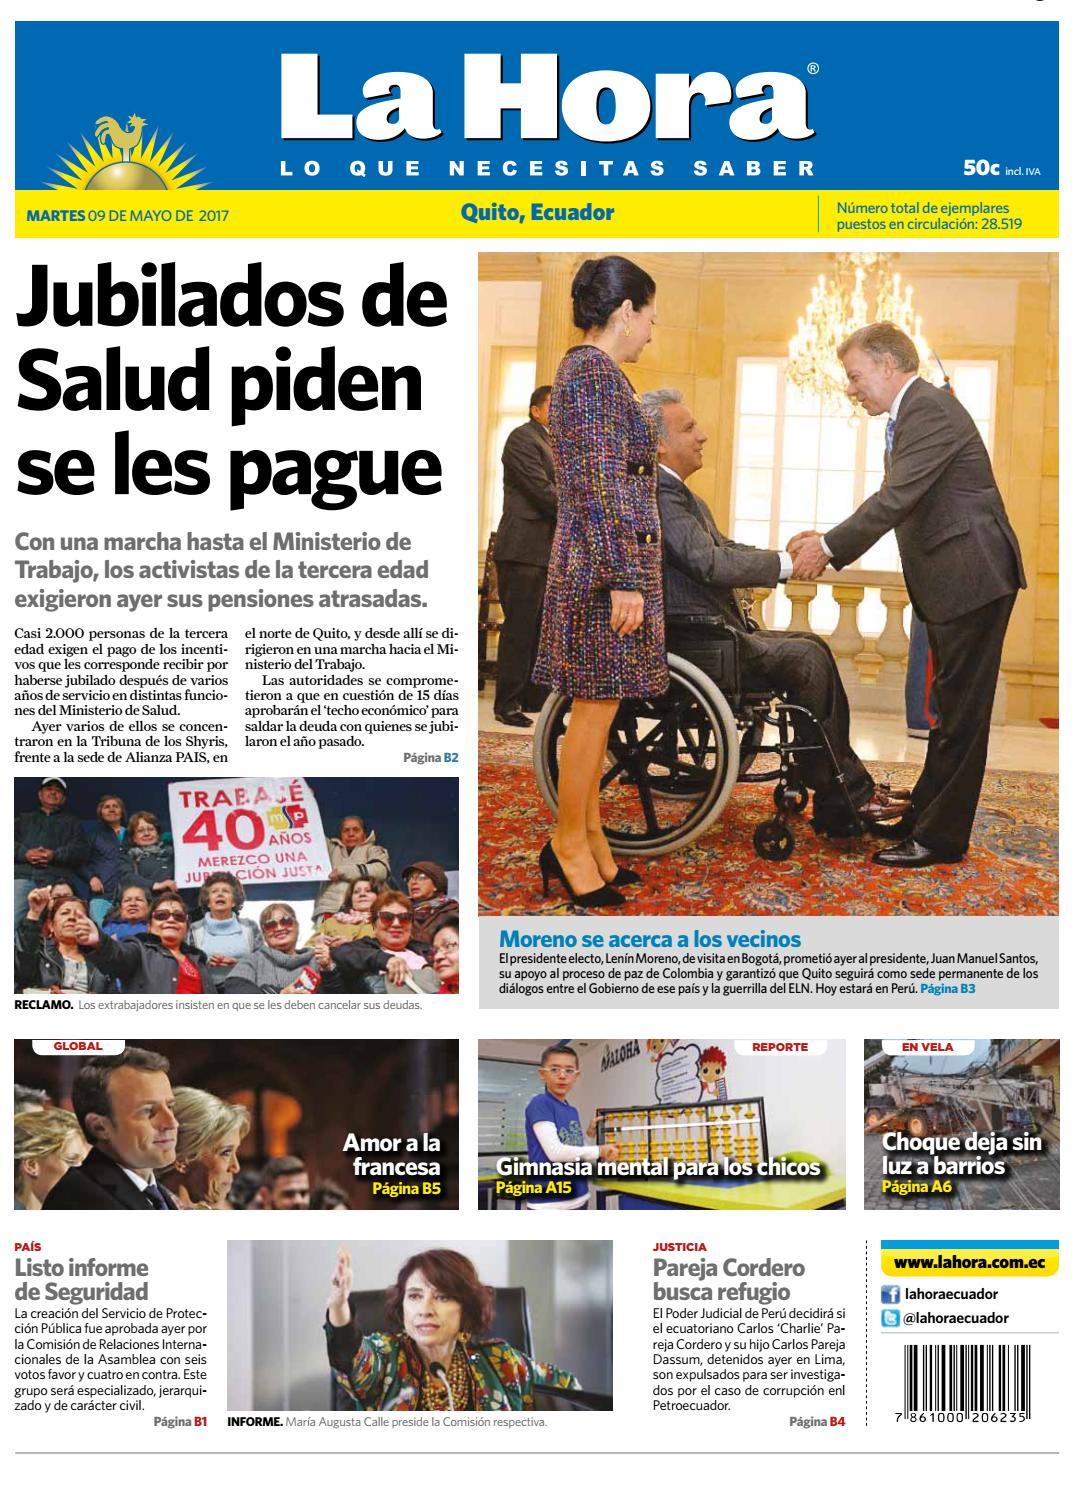 Hombres solteros en Quito experta crrete